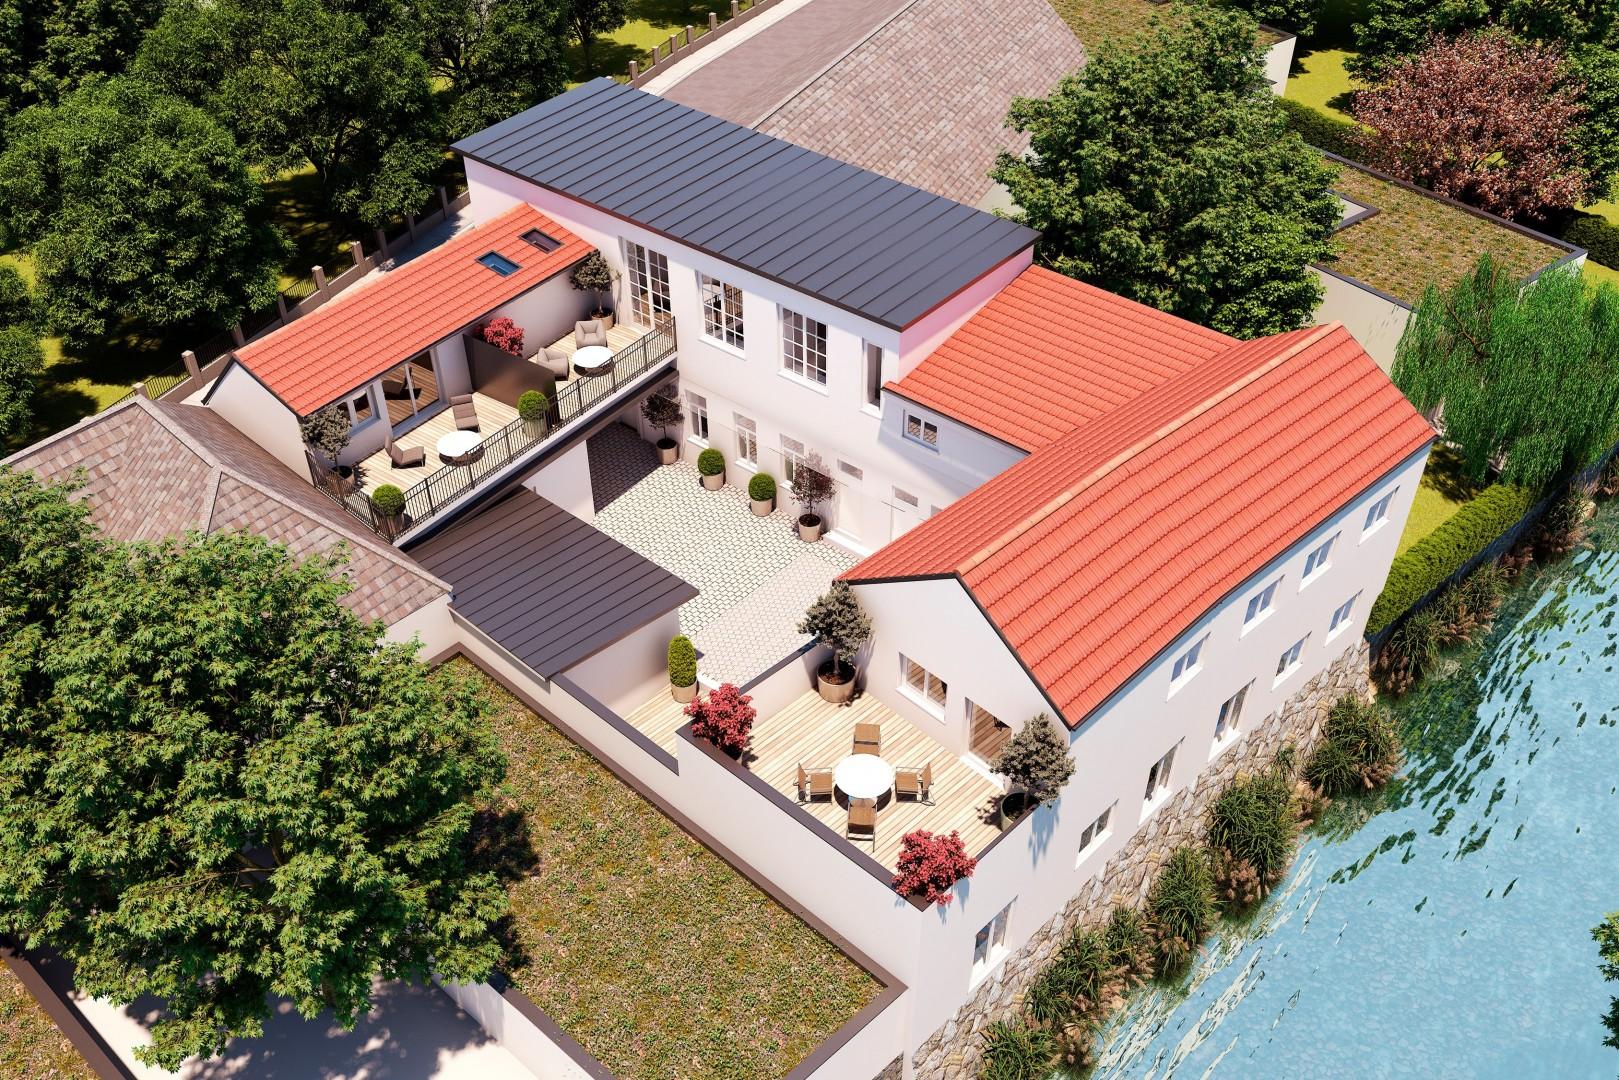 Wohnbauprojekt Baden Topview